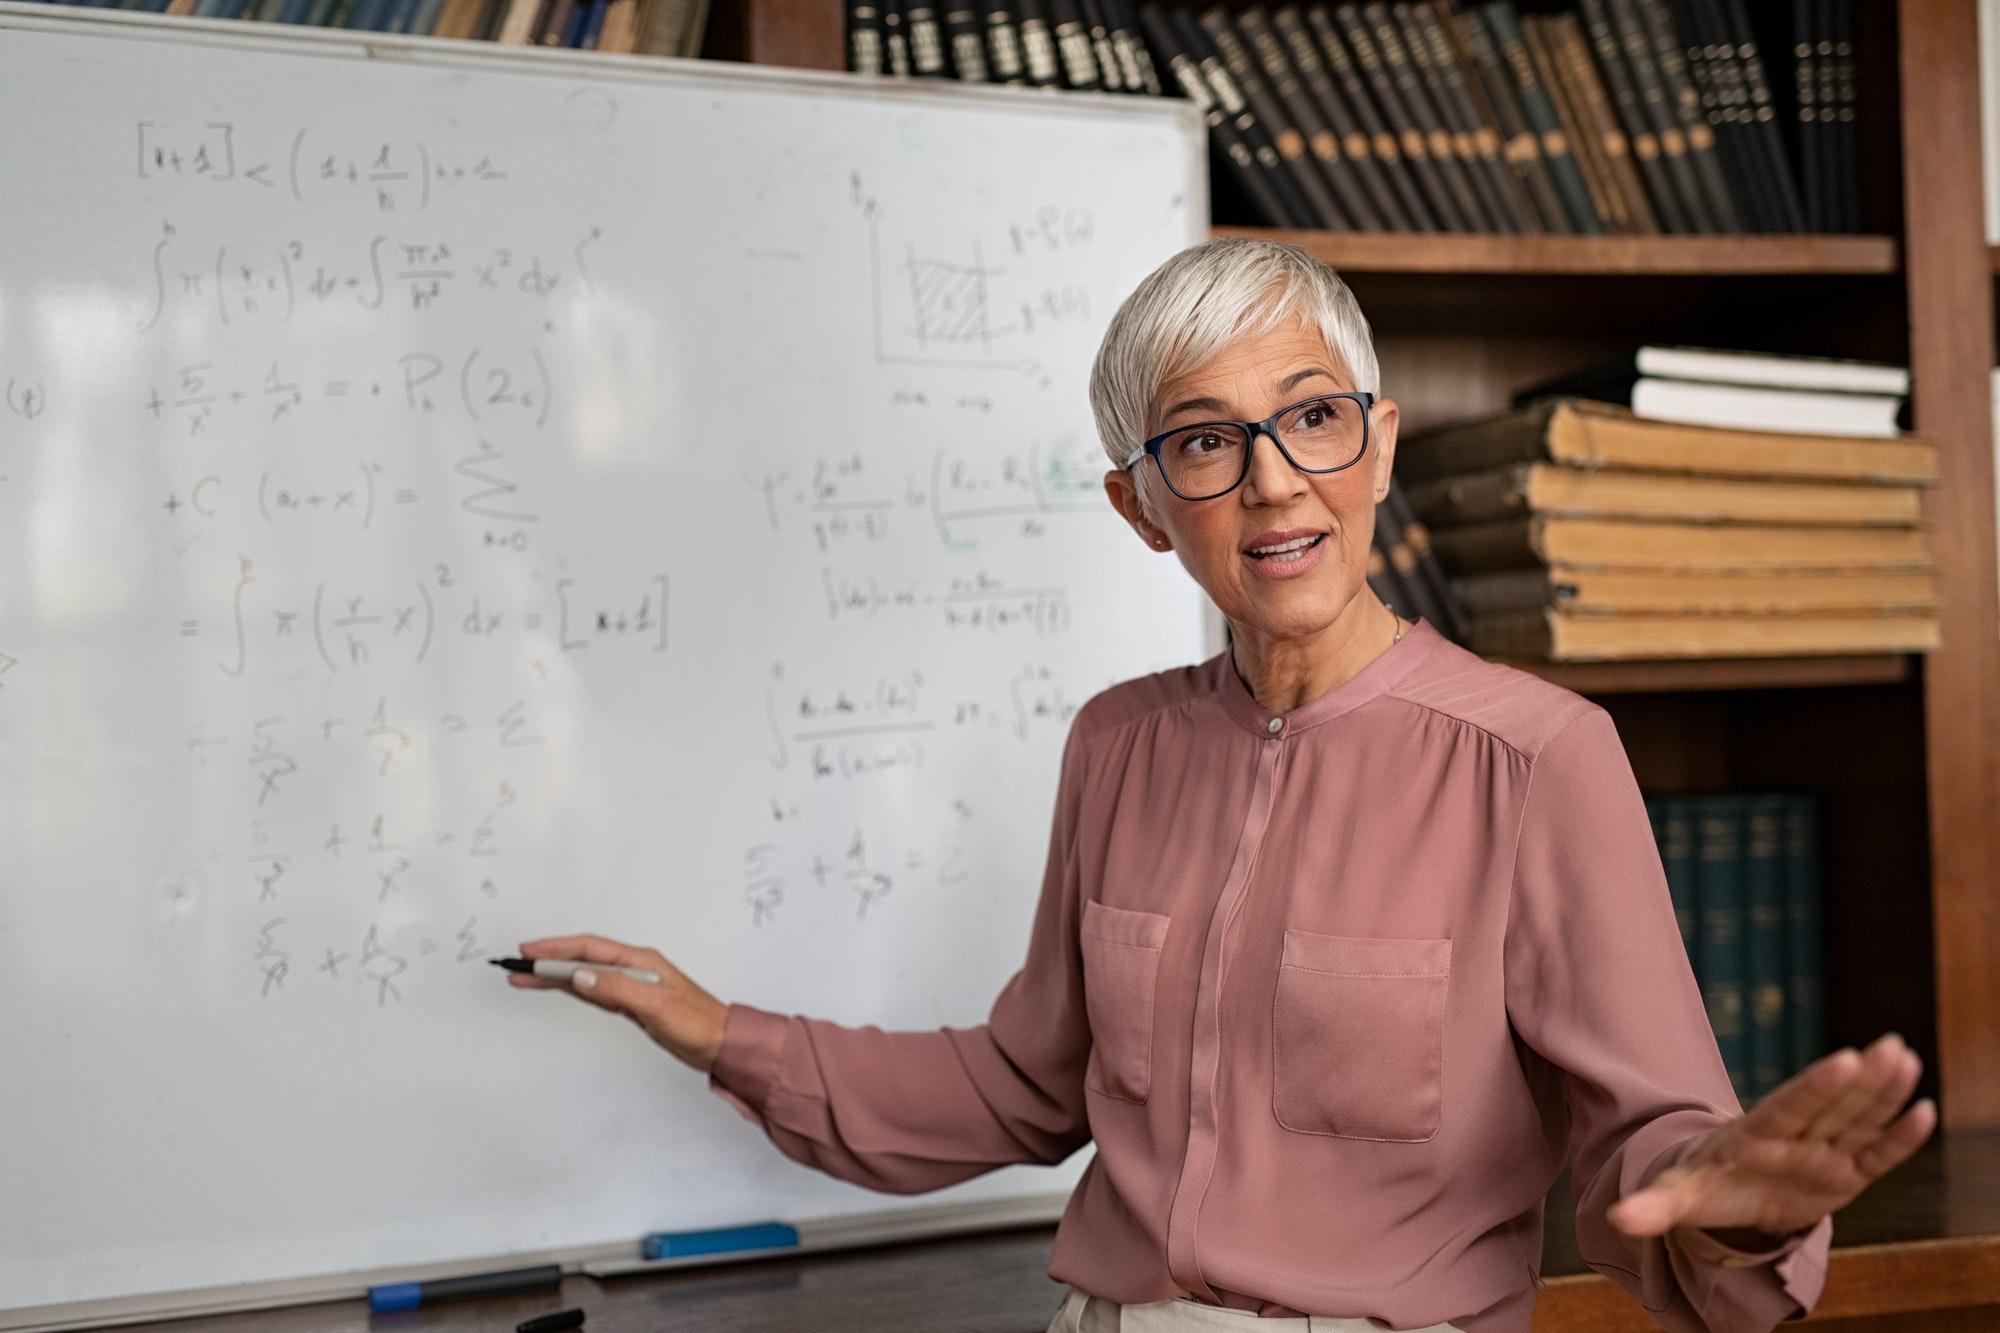 College professor explaining math